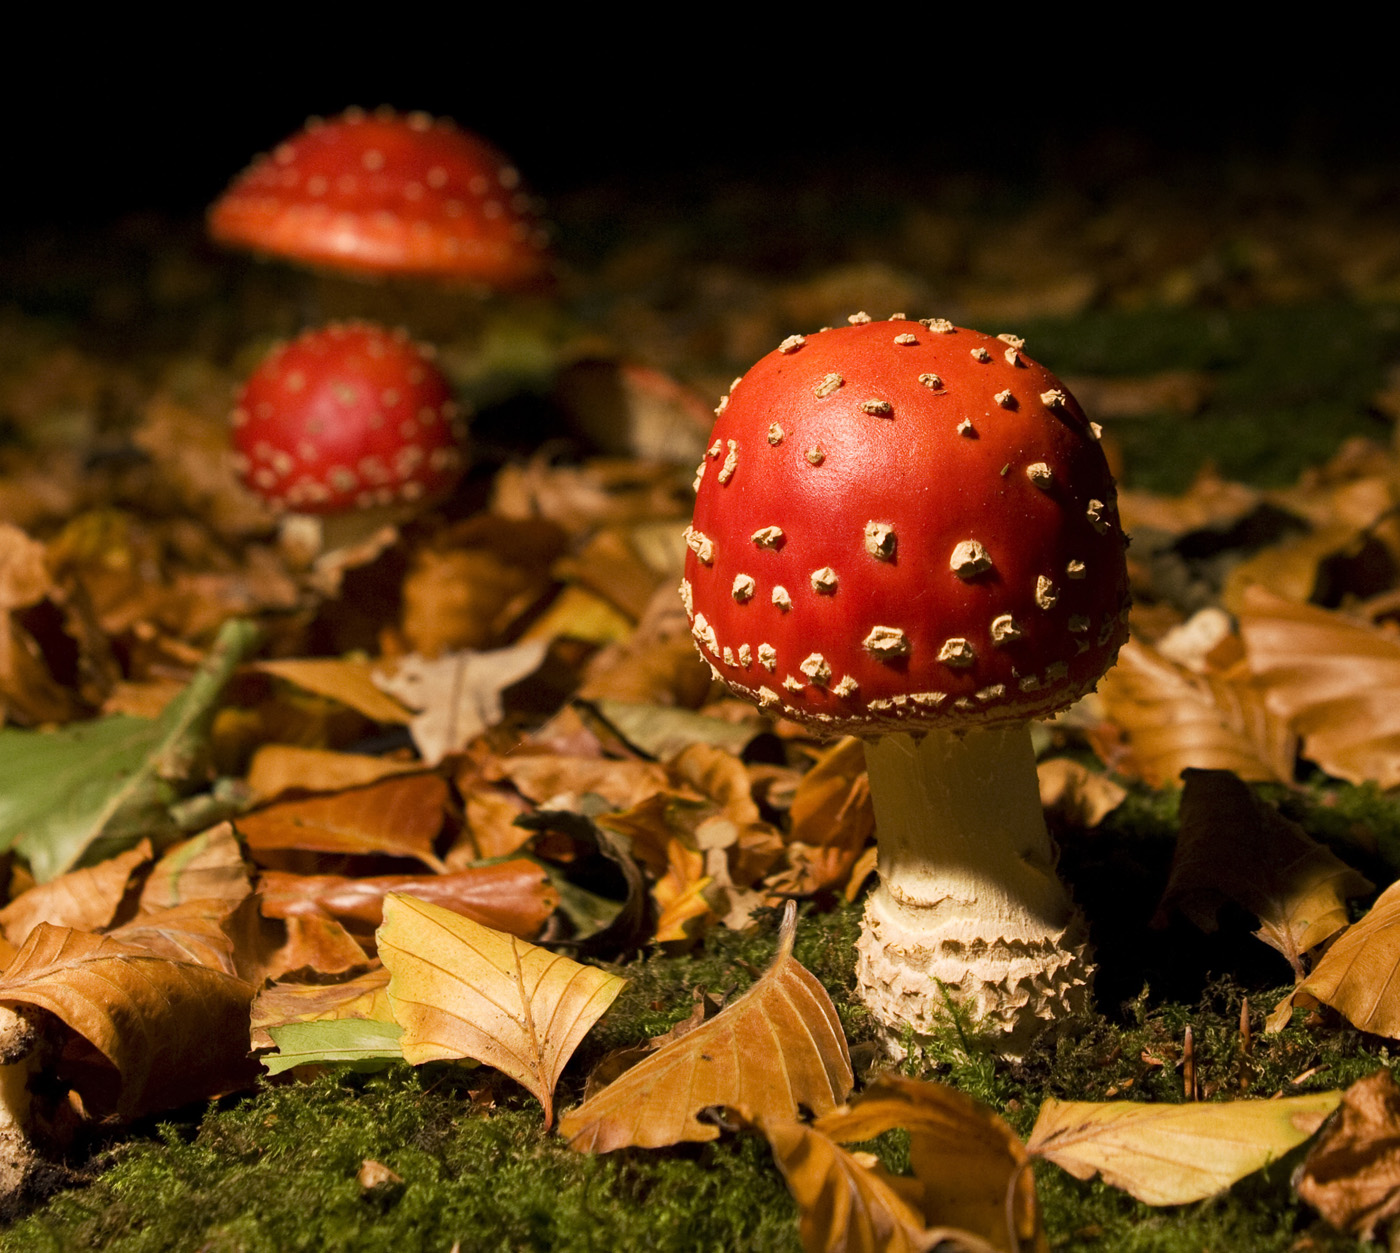 2009-10-17 Een van de mooiste en wonderbaarlijkste paddestoelen van Nederland is toch wel de vliegenzwam. Ondanks haar felle kleuren valt ze meestal pas op het laatste moment op tussen alle bontgekleurde herfstbladeren. ANP COPYRIGHT SVB